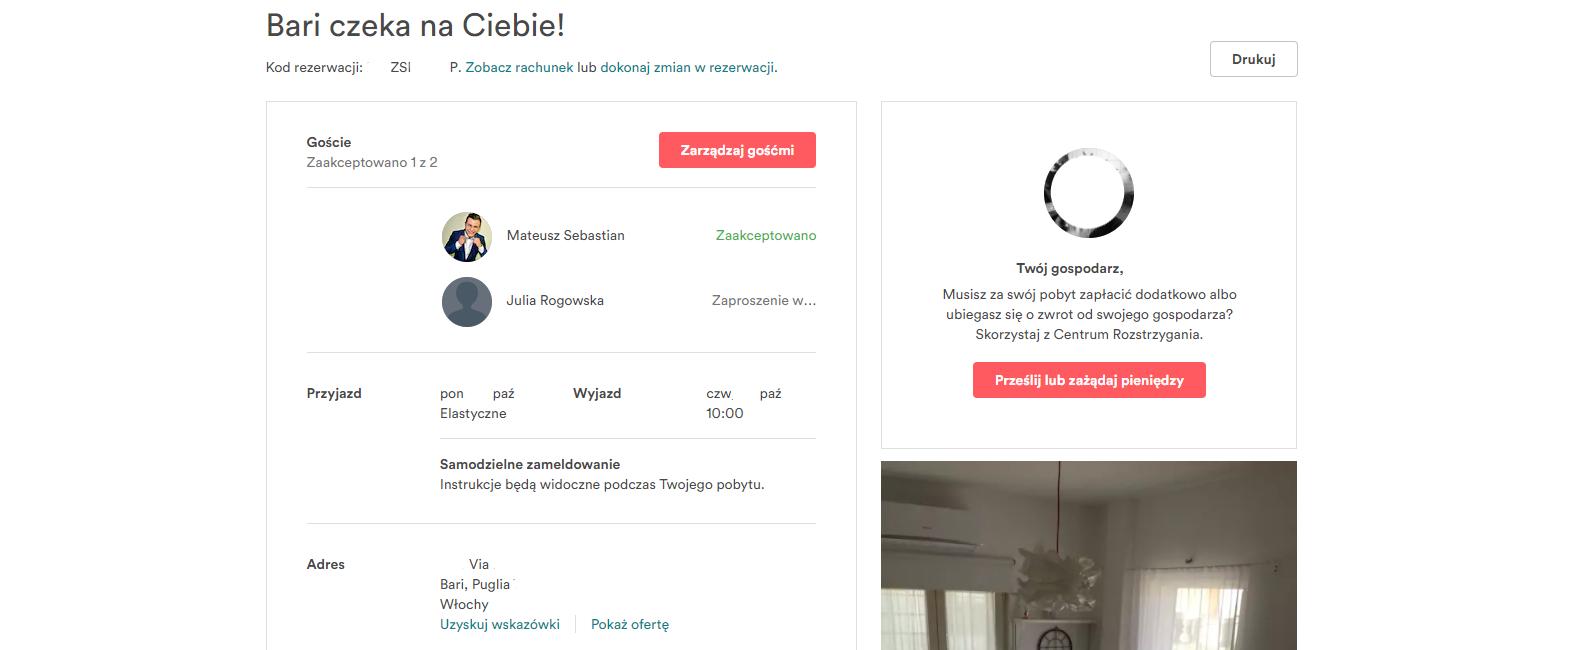 Airbnb - bele kaj, blog podróżniczy po śląsku